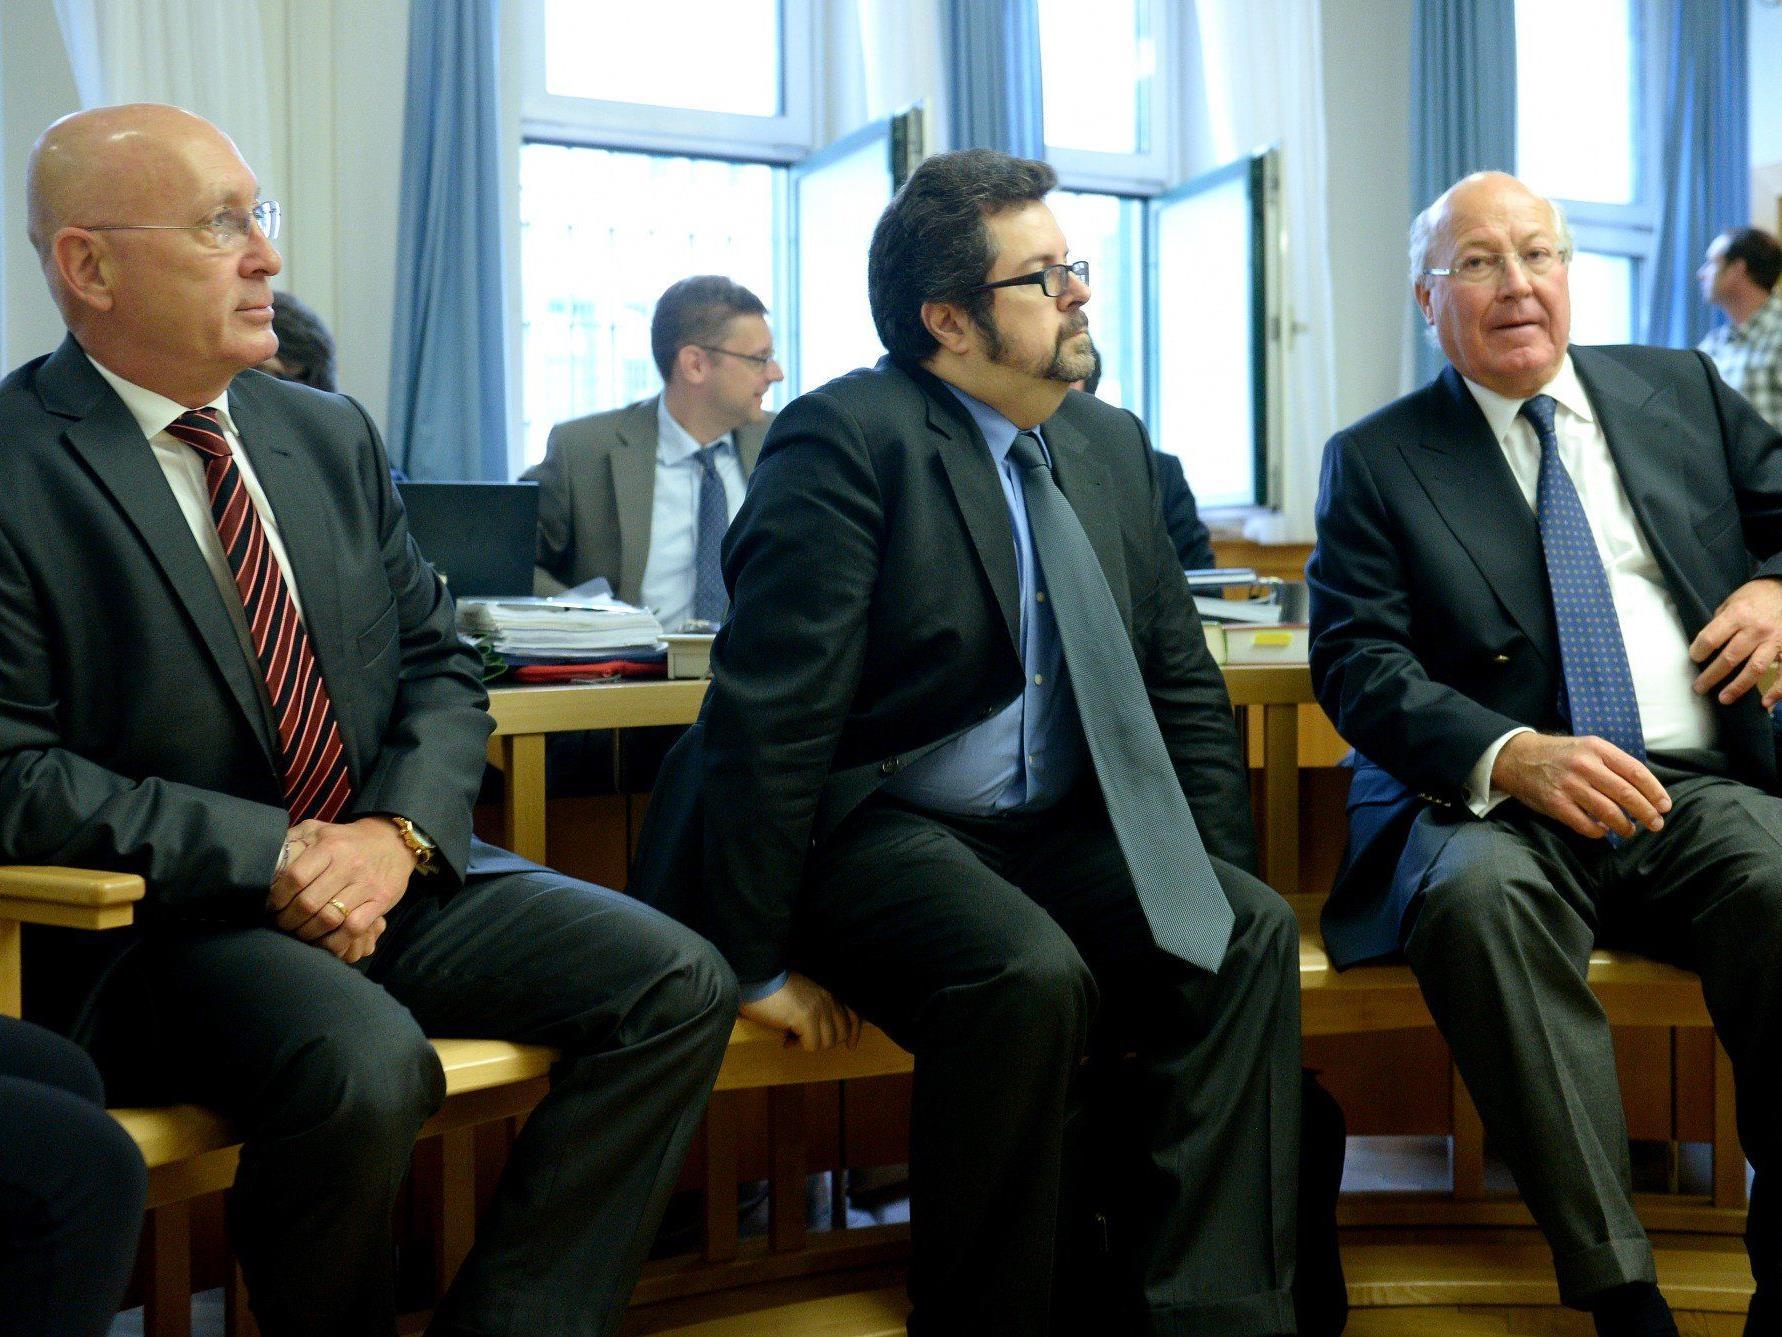 Telekom-V-Prozess um Schillerplatz-Immobilie: Ex-ÖBB-Chef Martin Huber, der ehemalige Telekom-Finanzchef Stefano Colombo und der ehemalige Telekom-Chef Heinz Sundt.